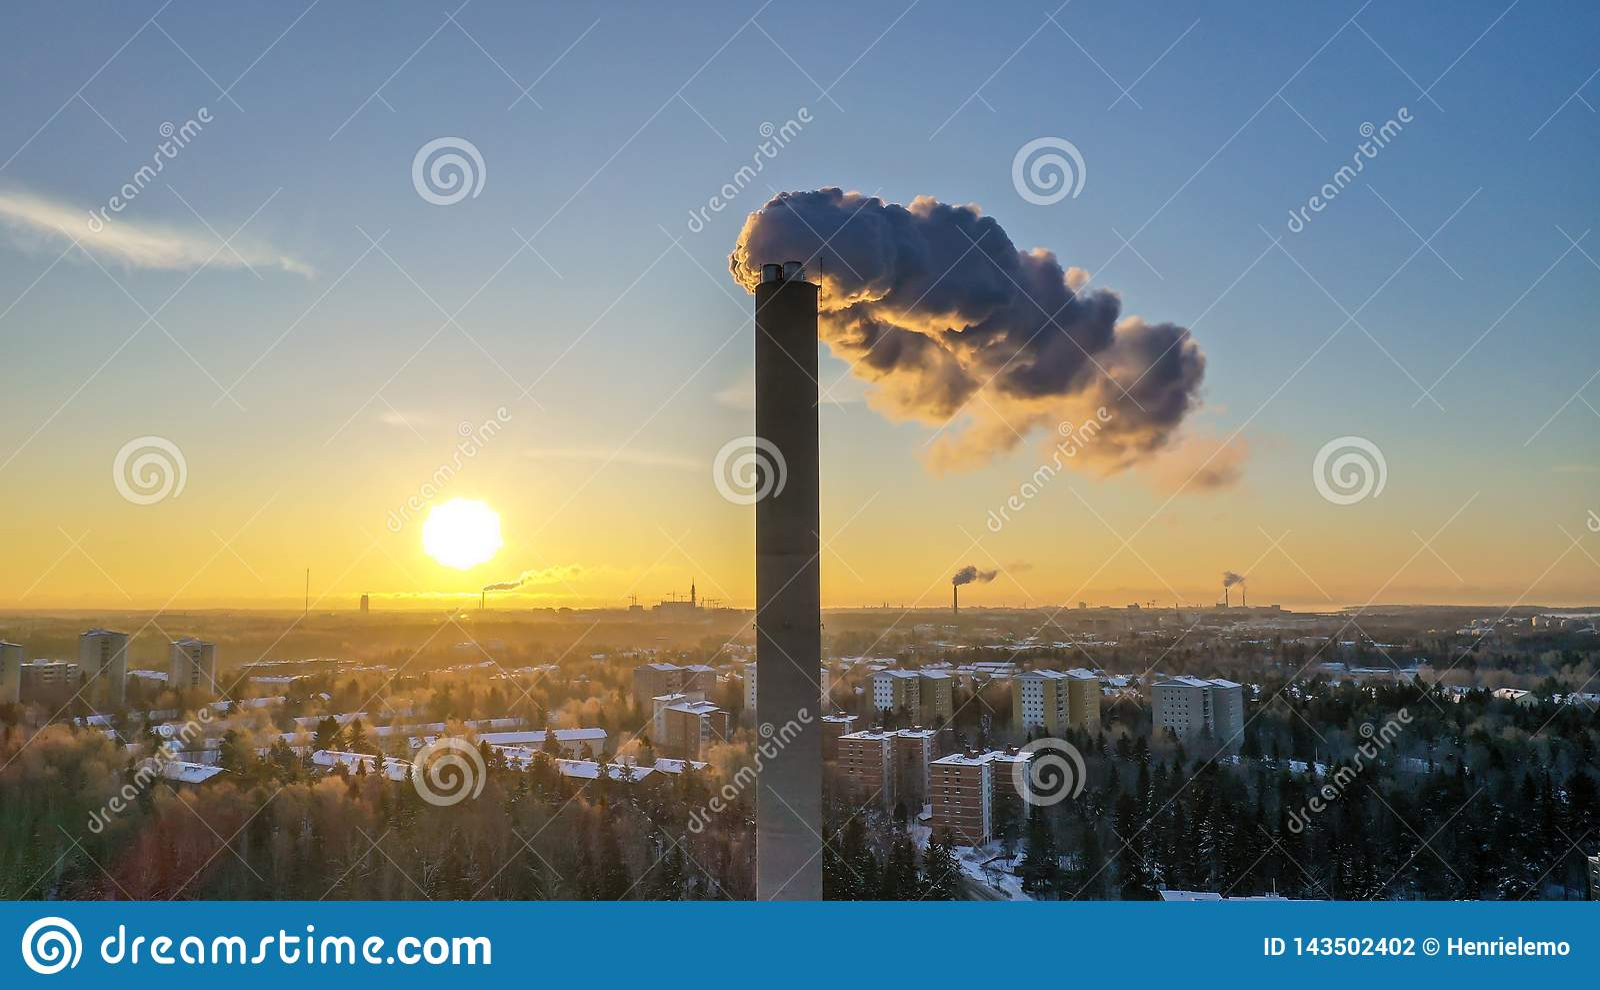 Helsinki, Finlandia - 21 gennaio 2019: Fumo che esce dal tubo dell impianto di energia a Helsinki su tempo di tramonto